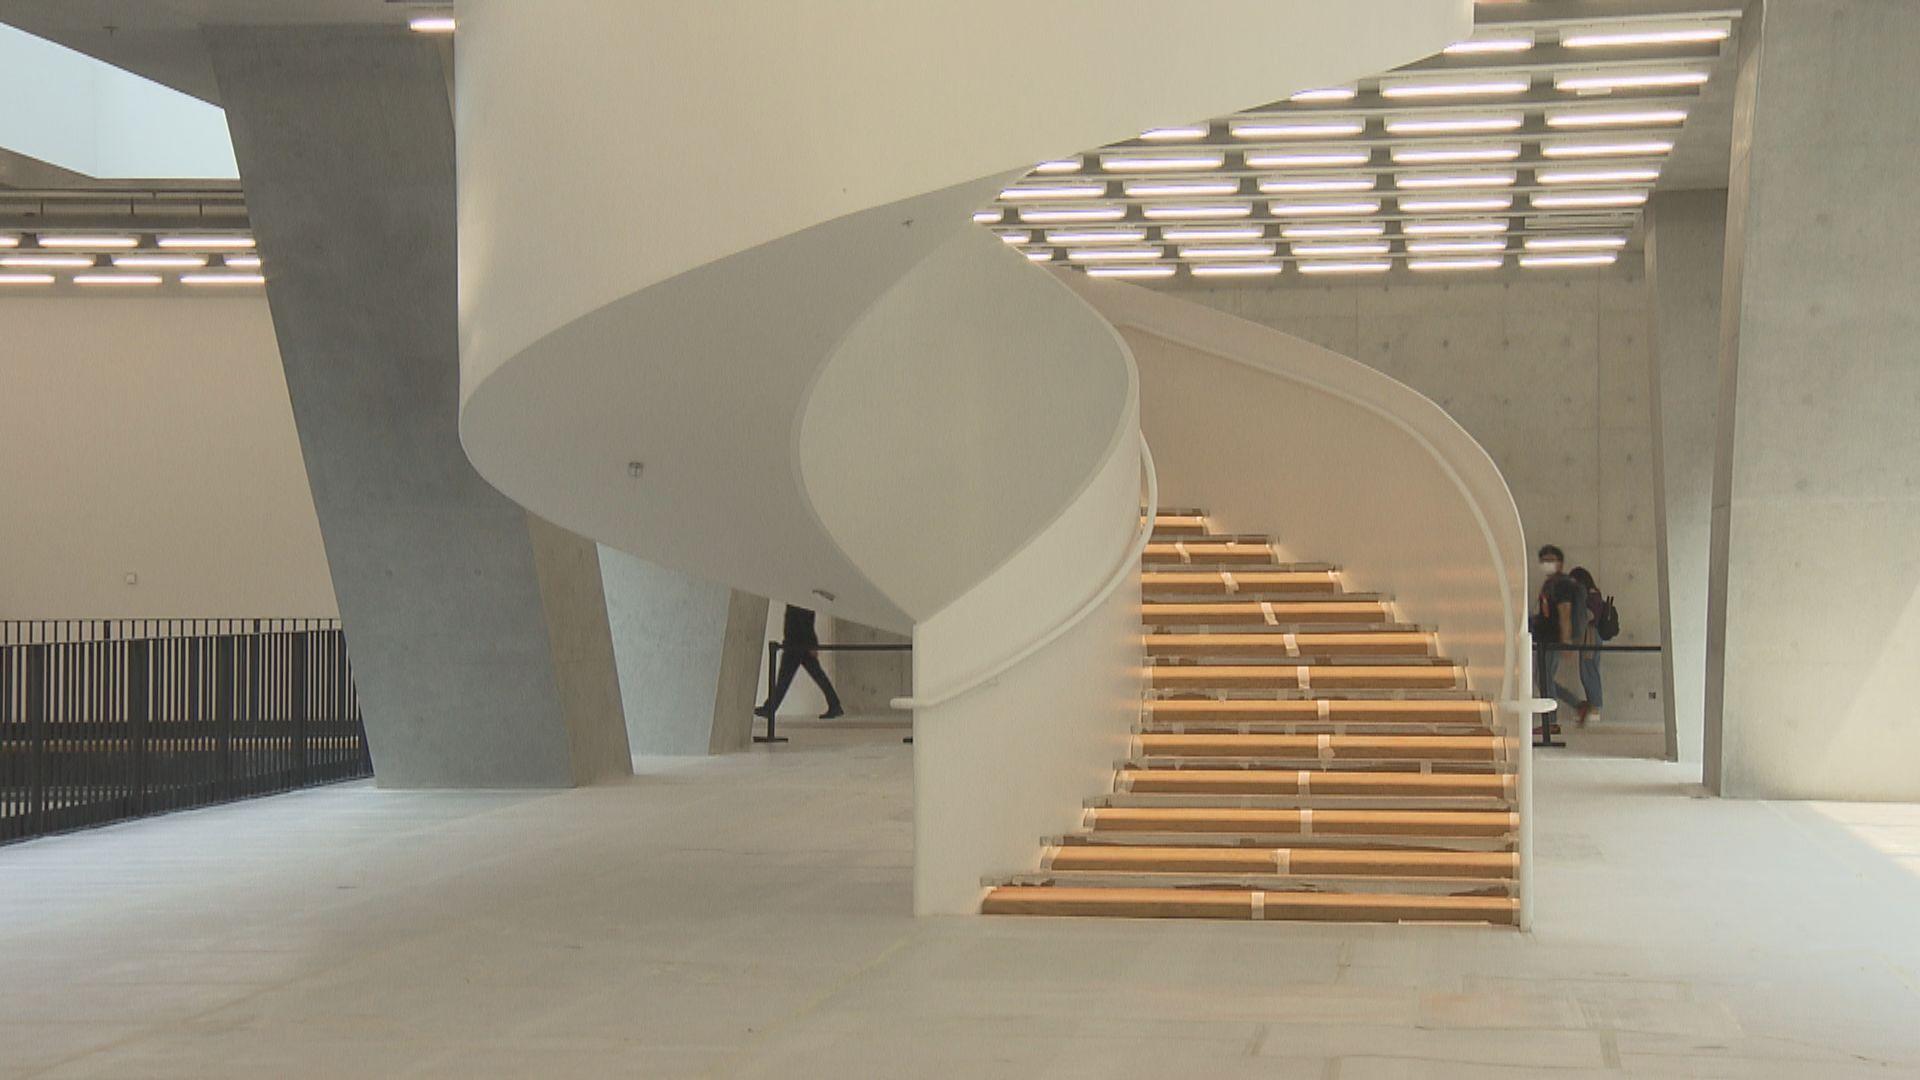 M+博物館11月12日正式開放 港人首年免費入場